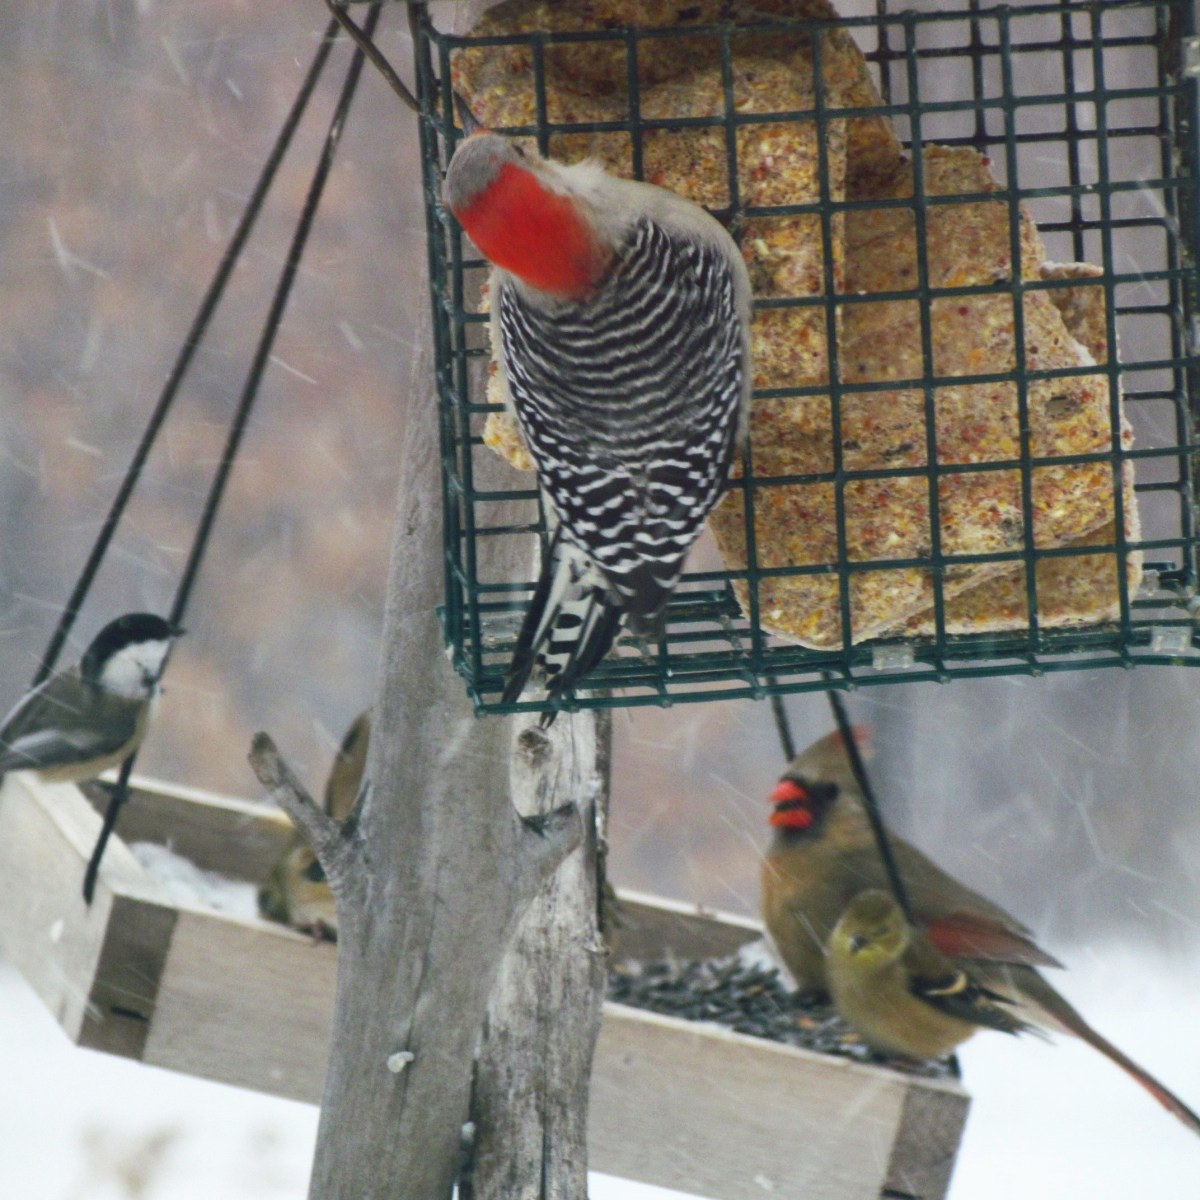 Birds at bird feeder as snow falls